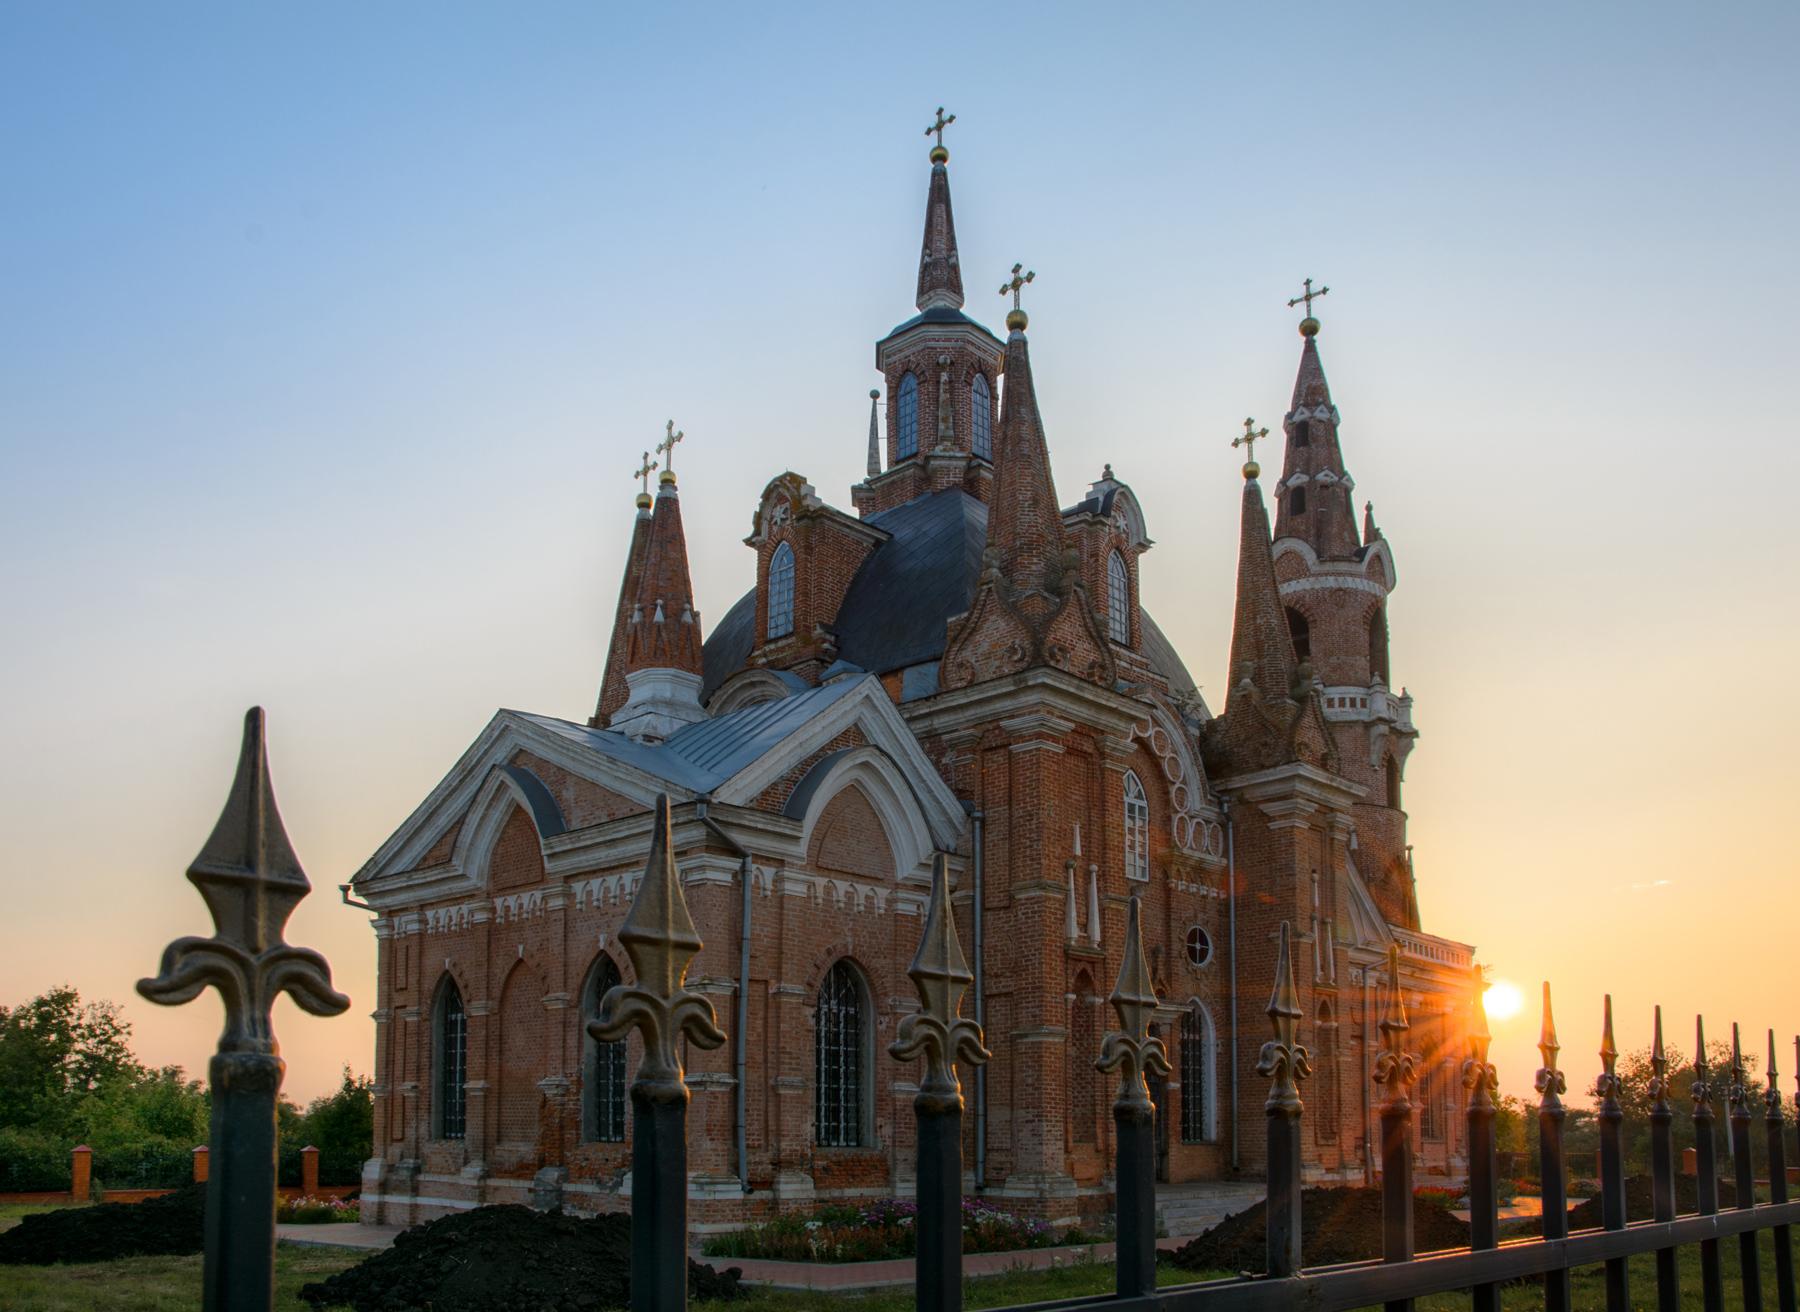 """с. Вешаловка. Церковь иконы Божией Матери """"Знамение"""". Знаменская церковь"""